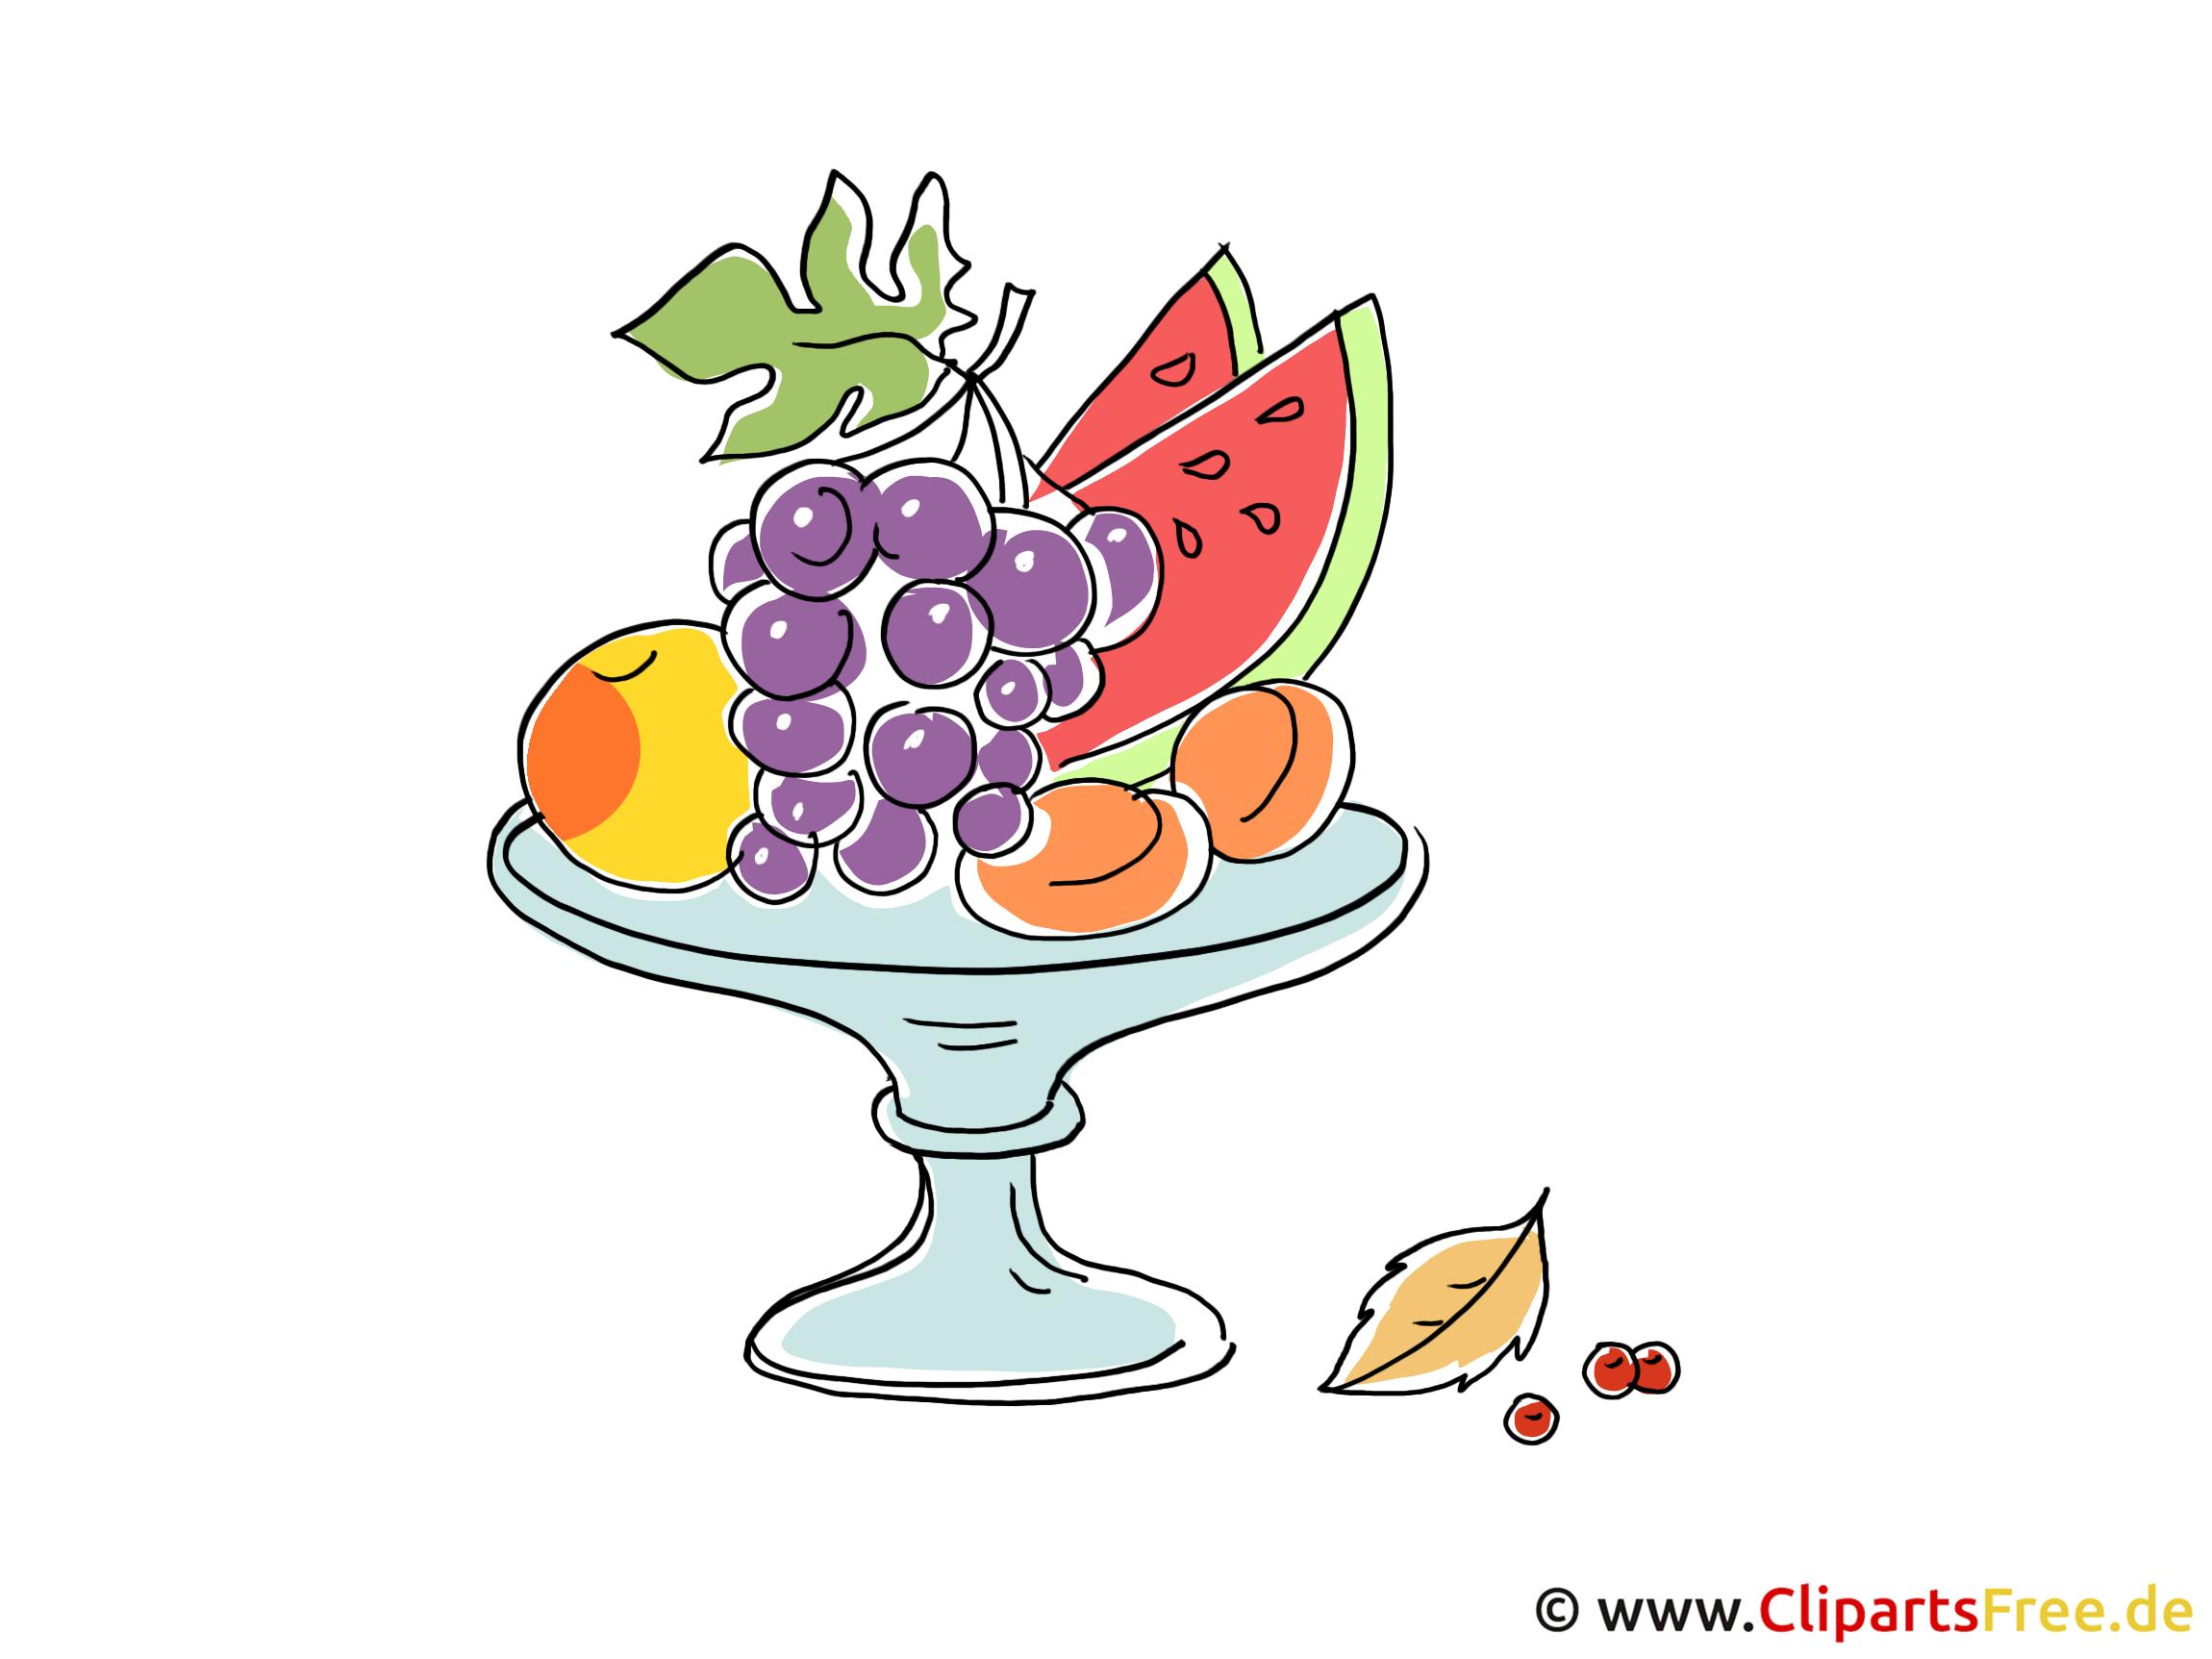 Stillleben Herbst, Früchte, Obst